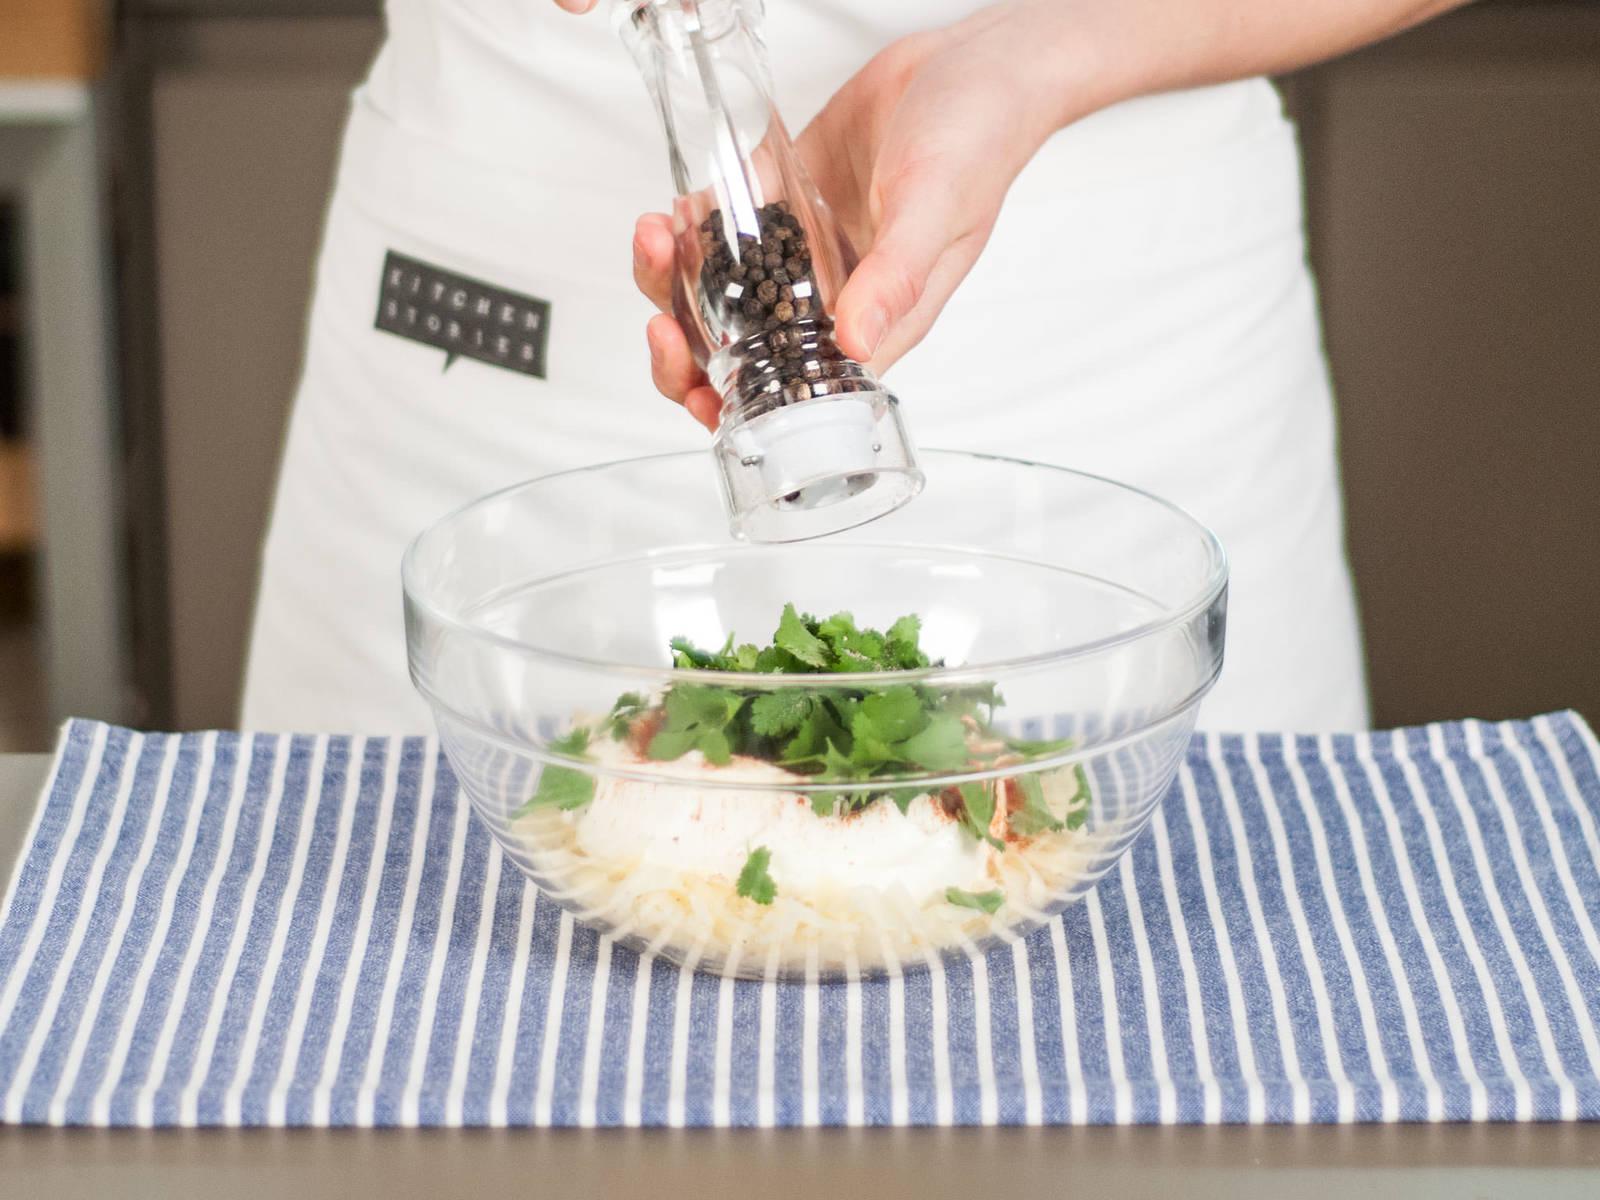 摘取香菜叶并切碎。然后在大碗中将一半量的奶酪、鲜奶油与香菜混合均匀。根据个人口味加入甜椒粉、盐与胡椒粉调味。